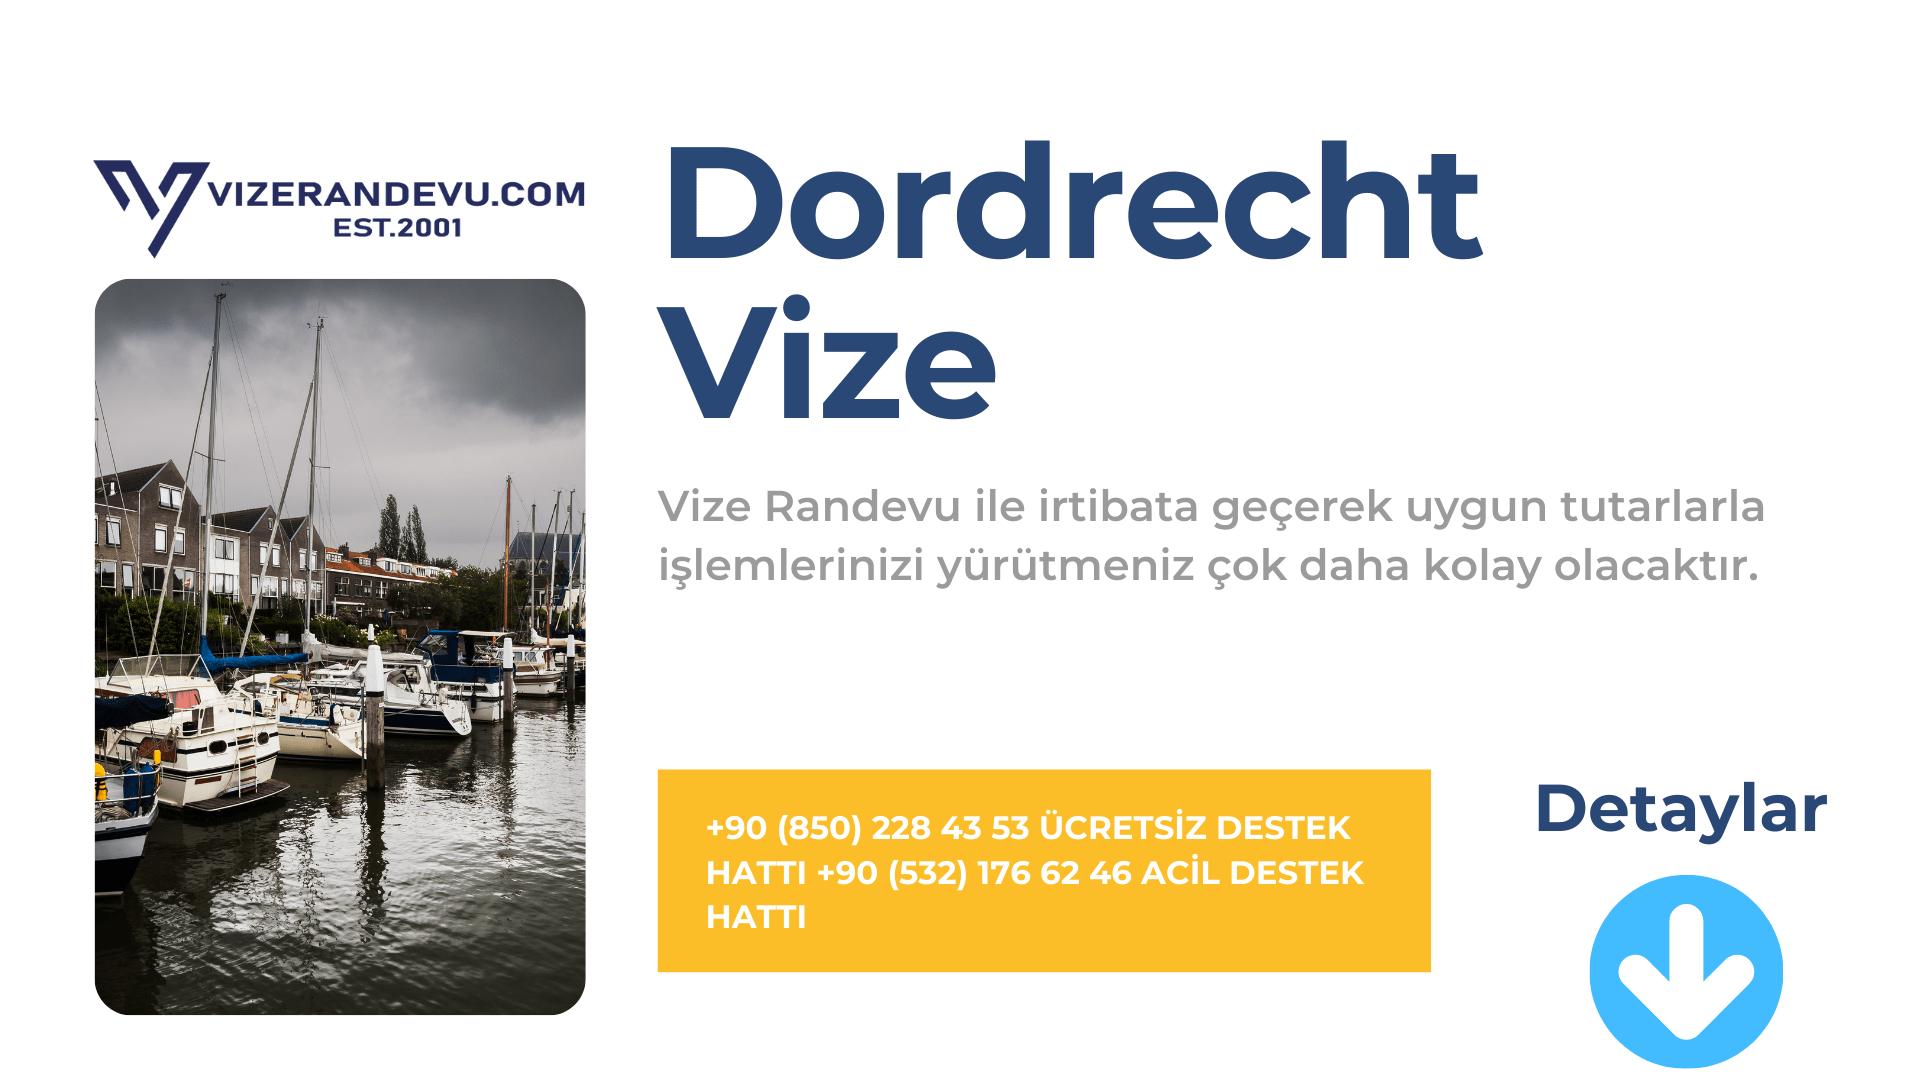 Hollanda Dordecht Vize Başvurusu